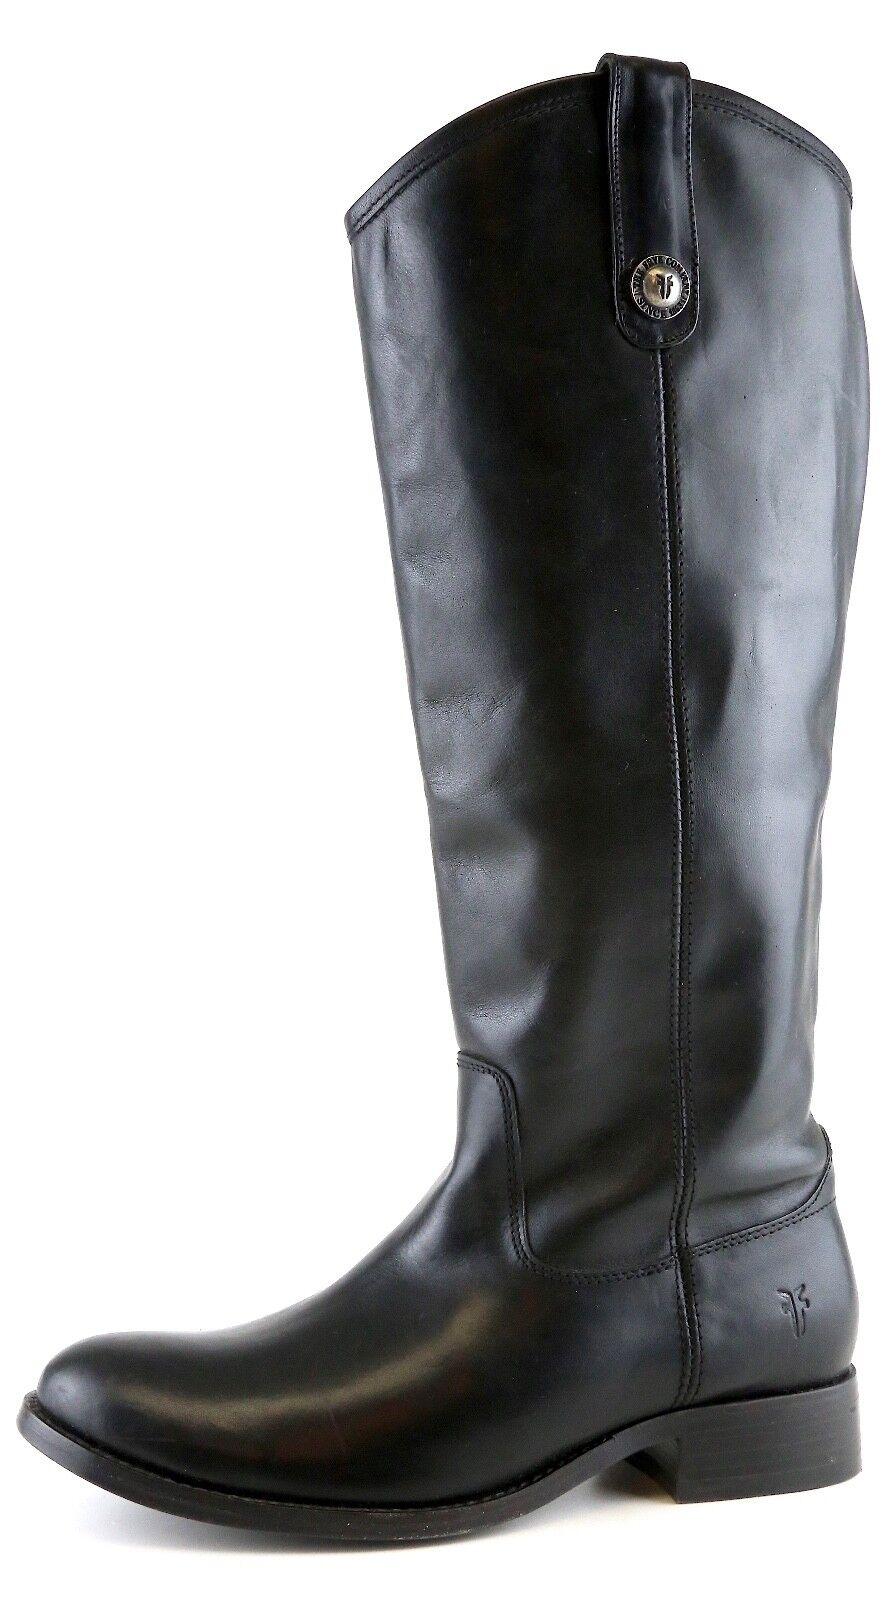 FRYE Women's Black Melissa Button Leather Riding Boots 6176 Sz 6 M